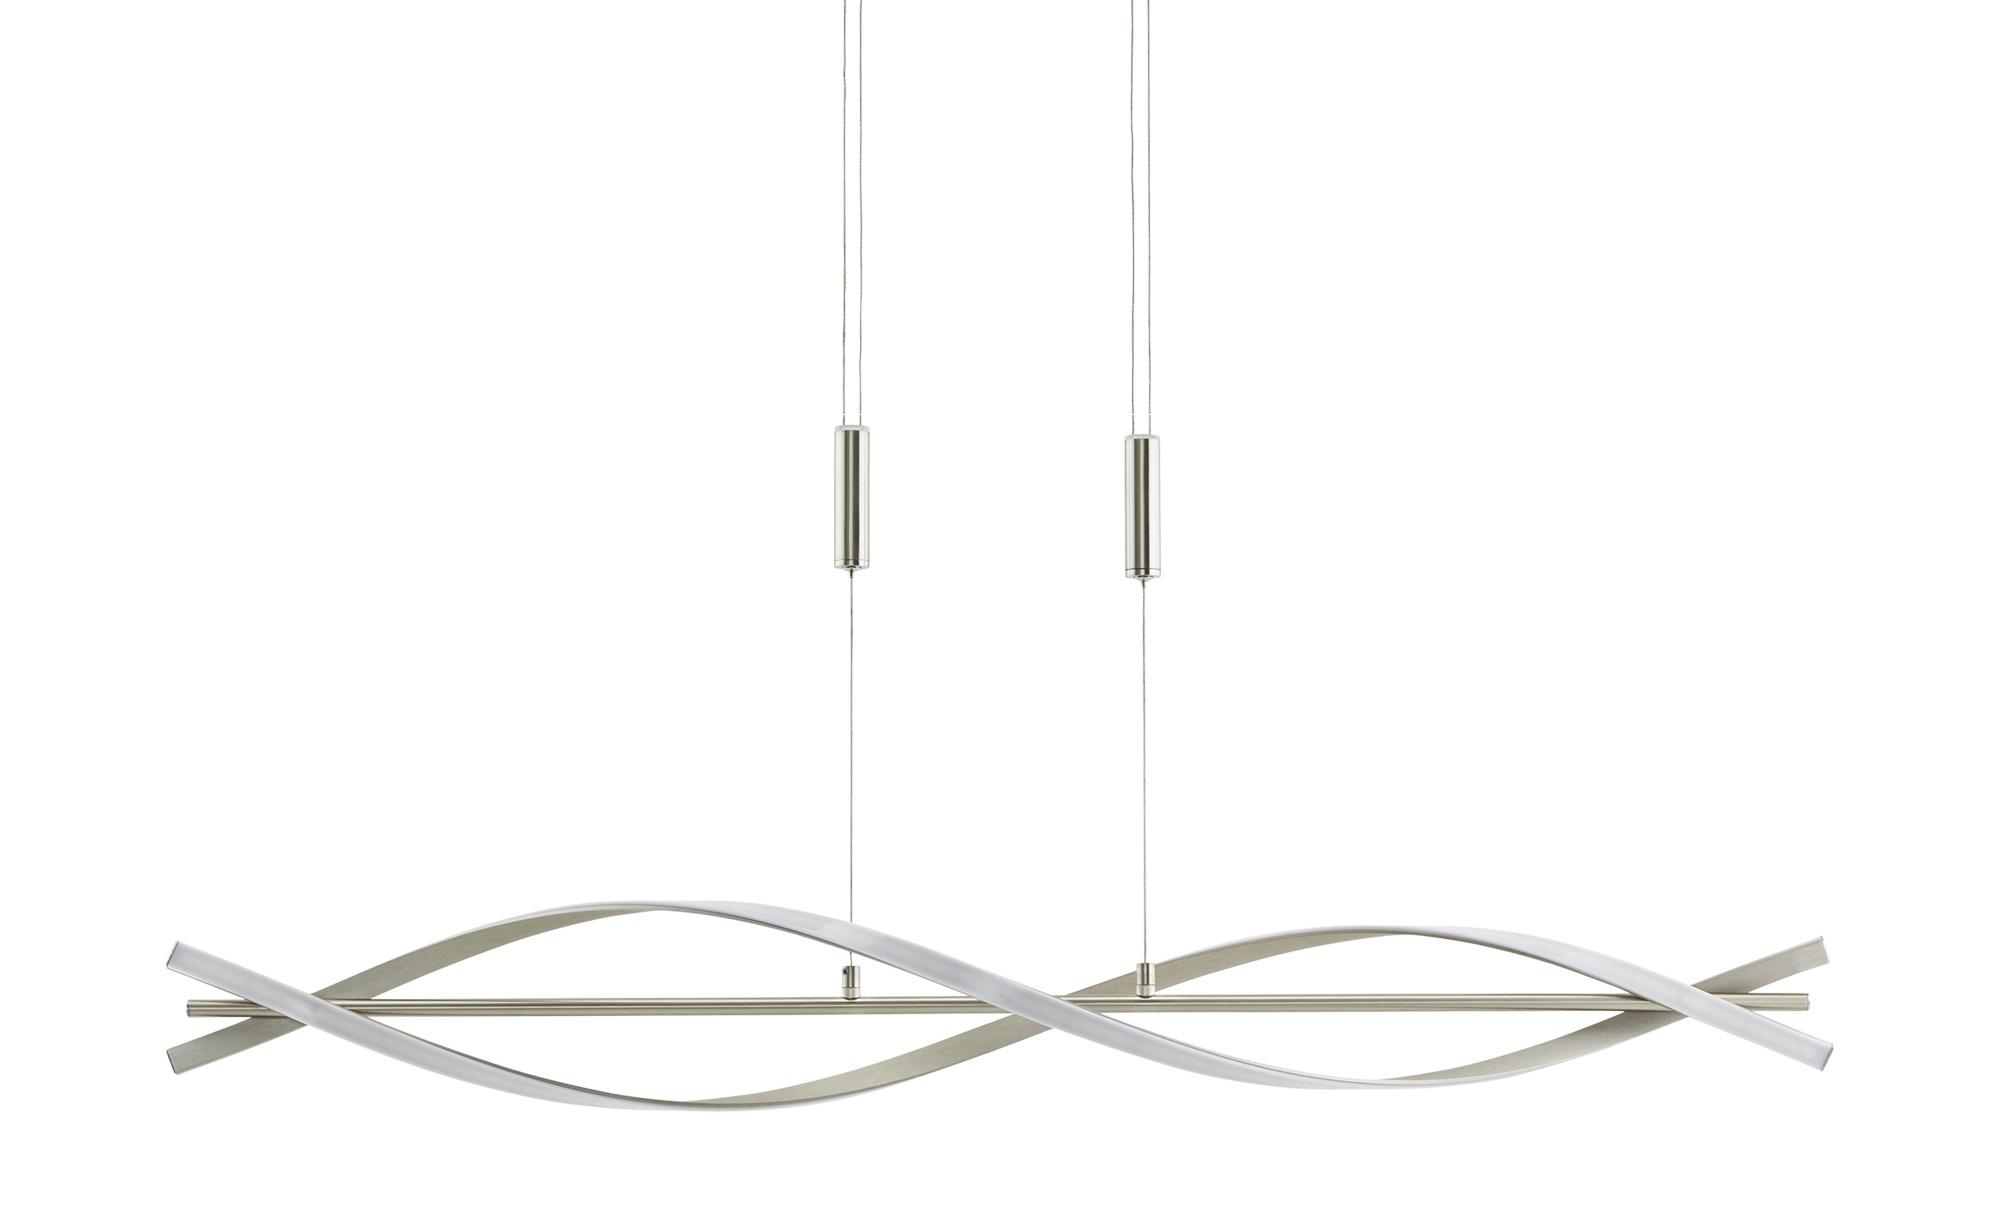 KHG LED-Pendelleuchte, 2-flammig ´verdreht´ ¦ silber ¦ Maße (cm): B: 24 H: 150 Lampen & Leuchten > LED-Leuchten > LED-Pendelleuchten - Höffner